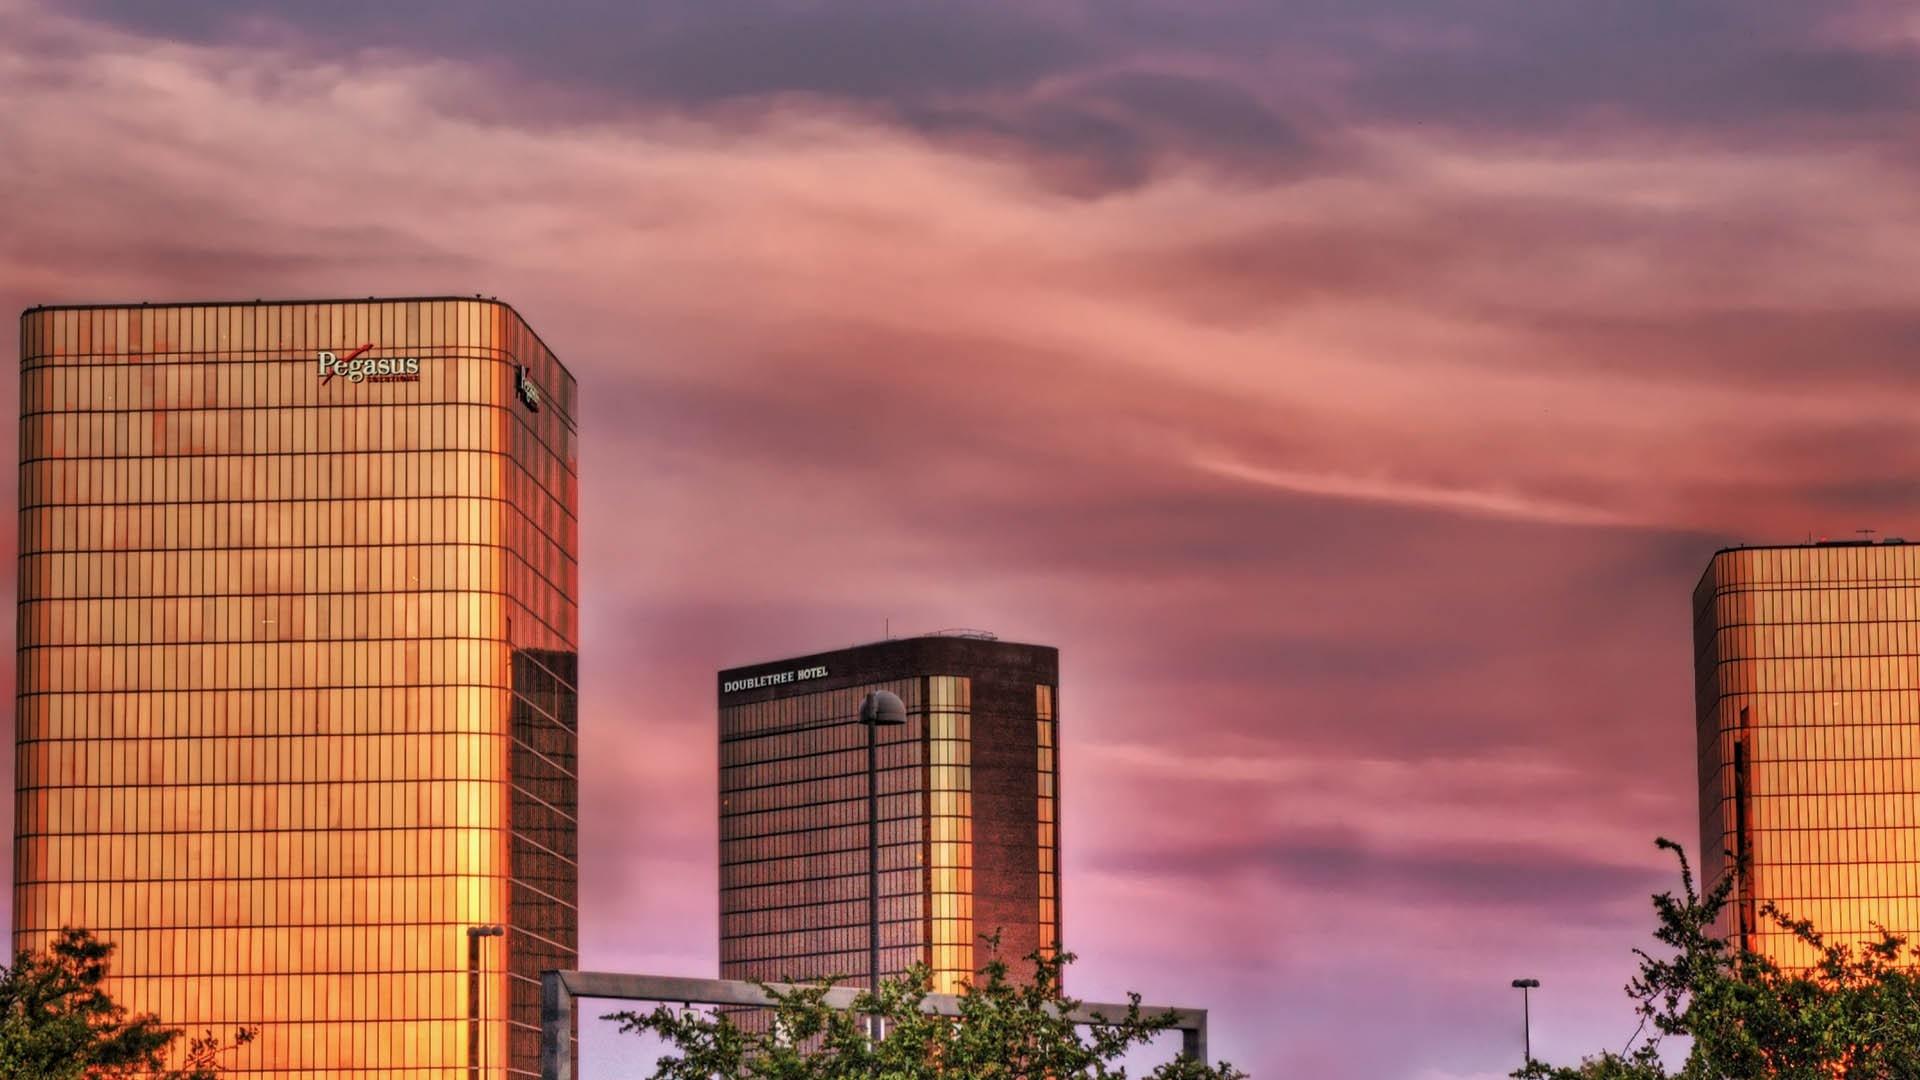 Красивые и удивительные картинки Города на рабочий стол - сборка №7 14